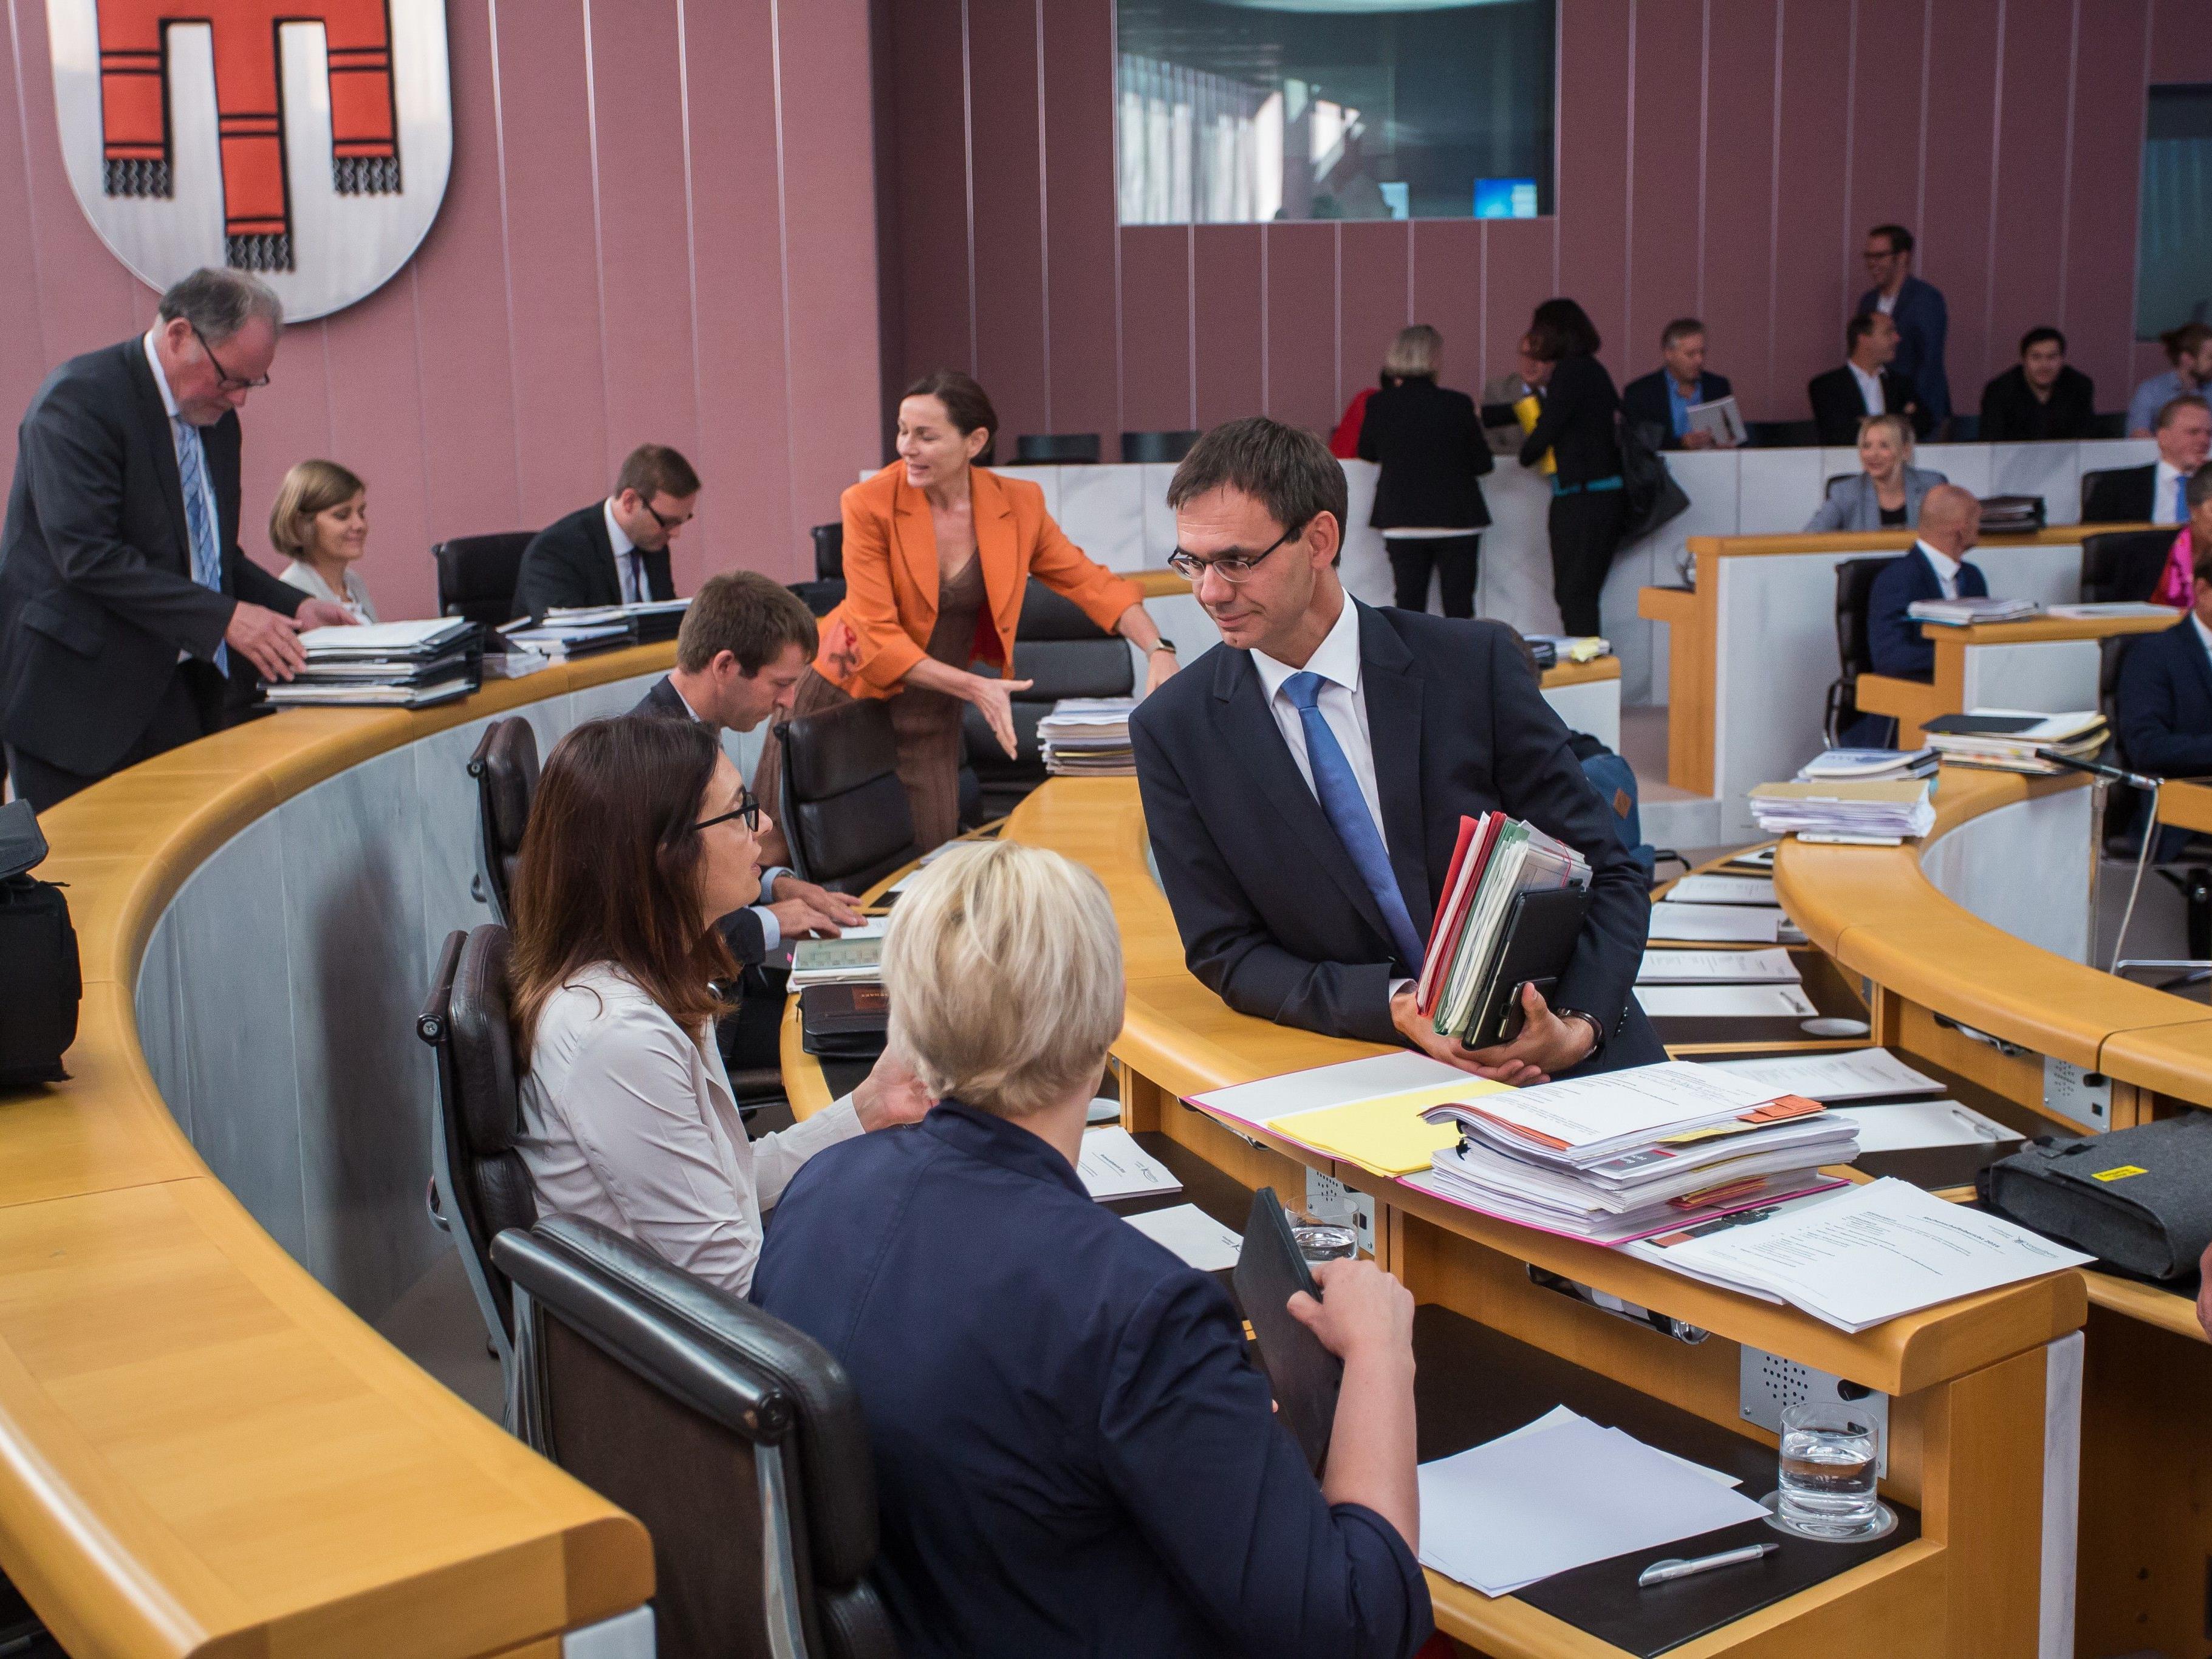 Vorarlberger Landtag - Grüne und ÖVP liegen im Clinch.